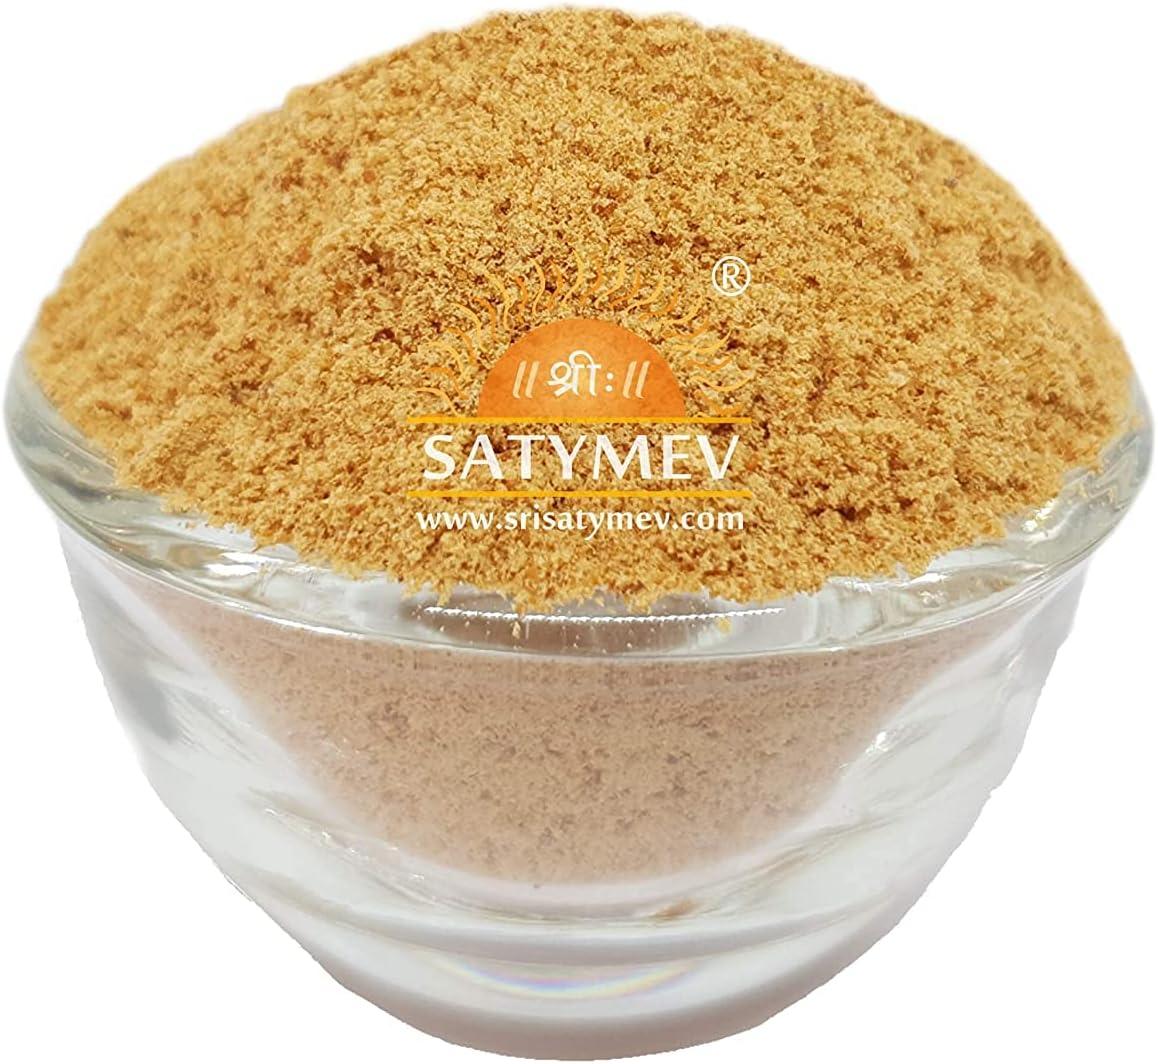 Dayna Denver Mall SriSatymev Dry Bael Giri Powder Mon Wood Apple 100g Max 45% OFF Bel